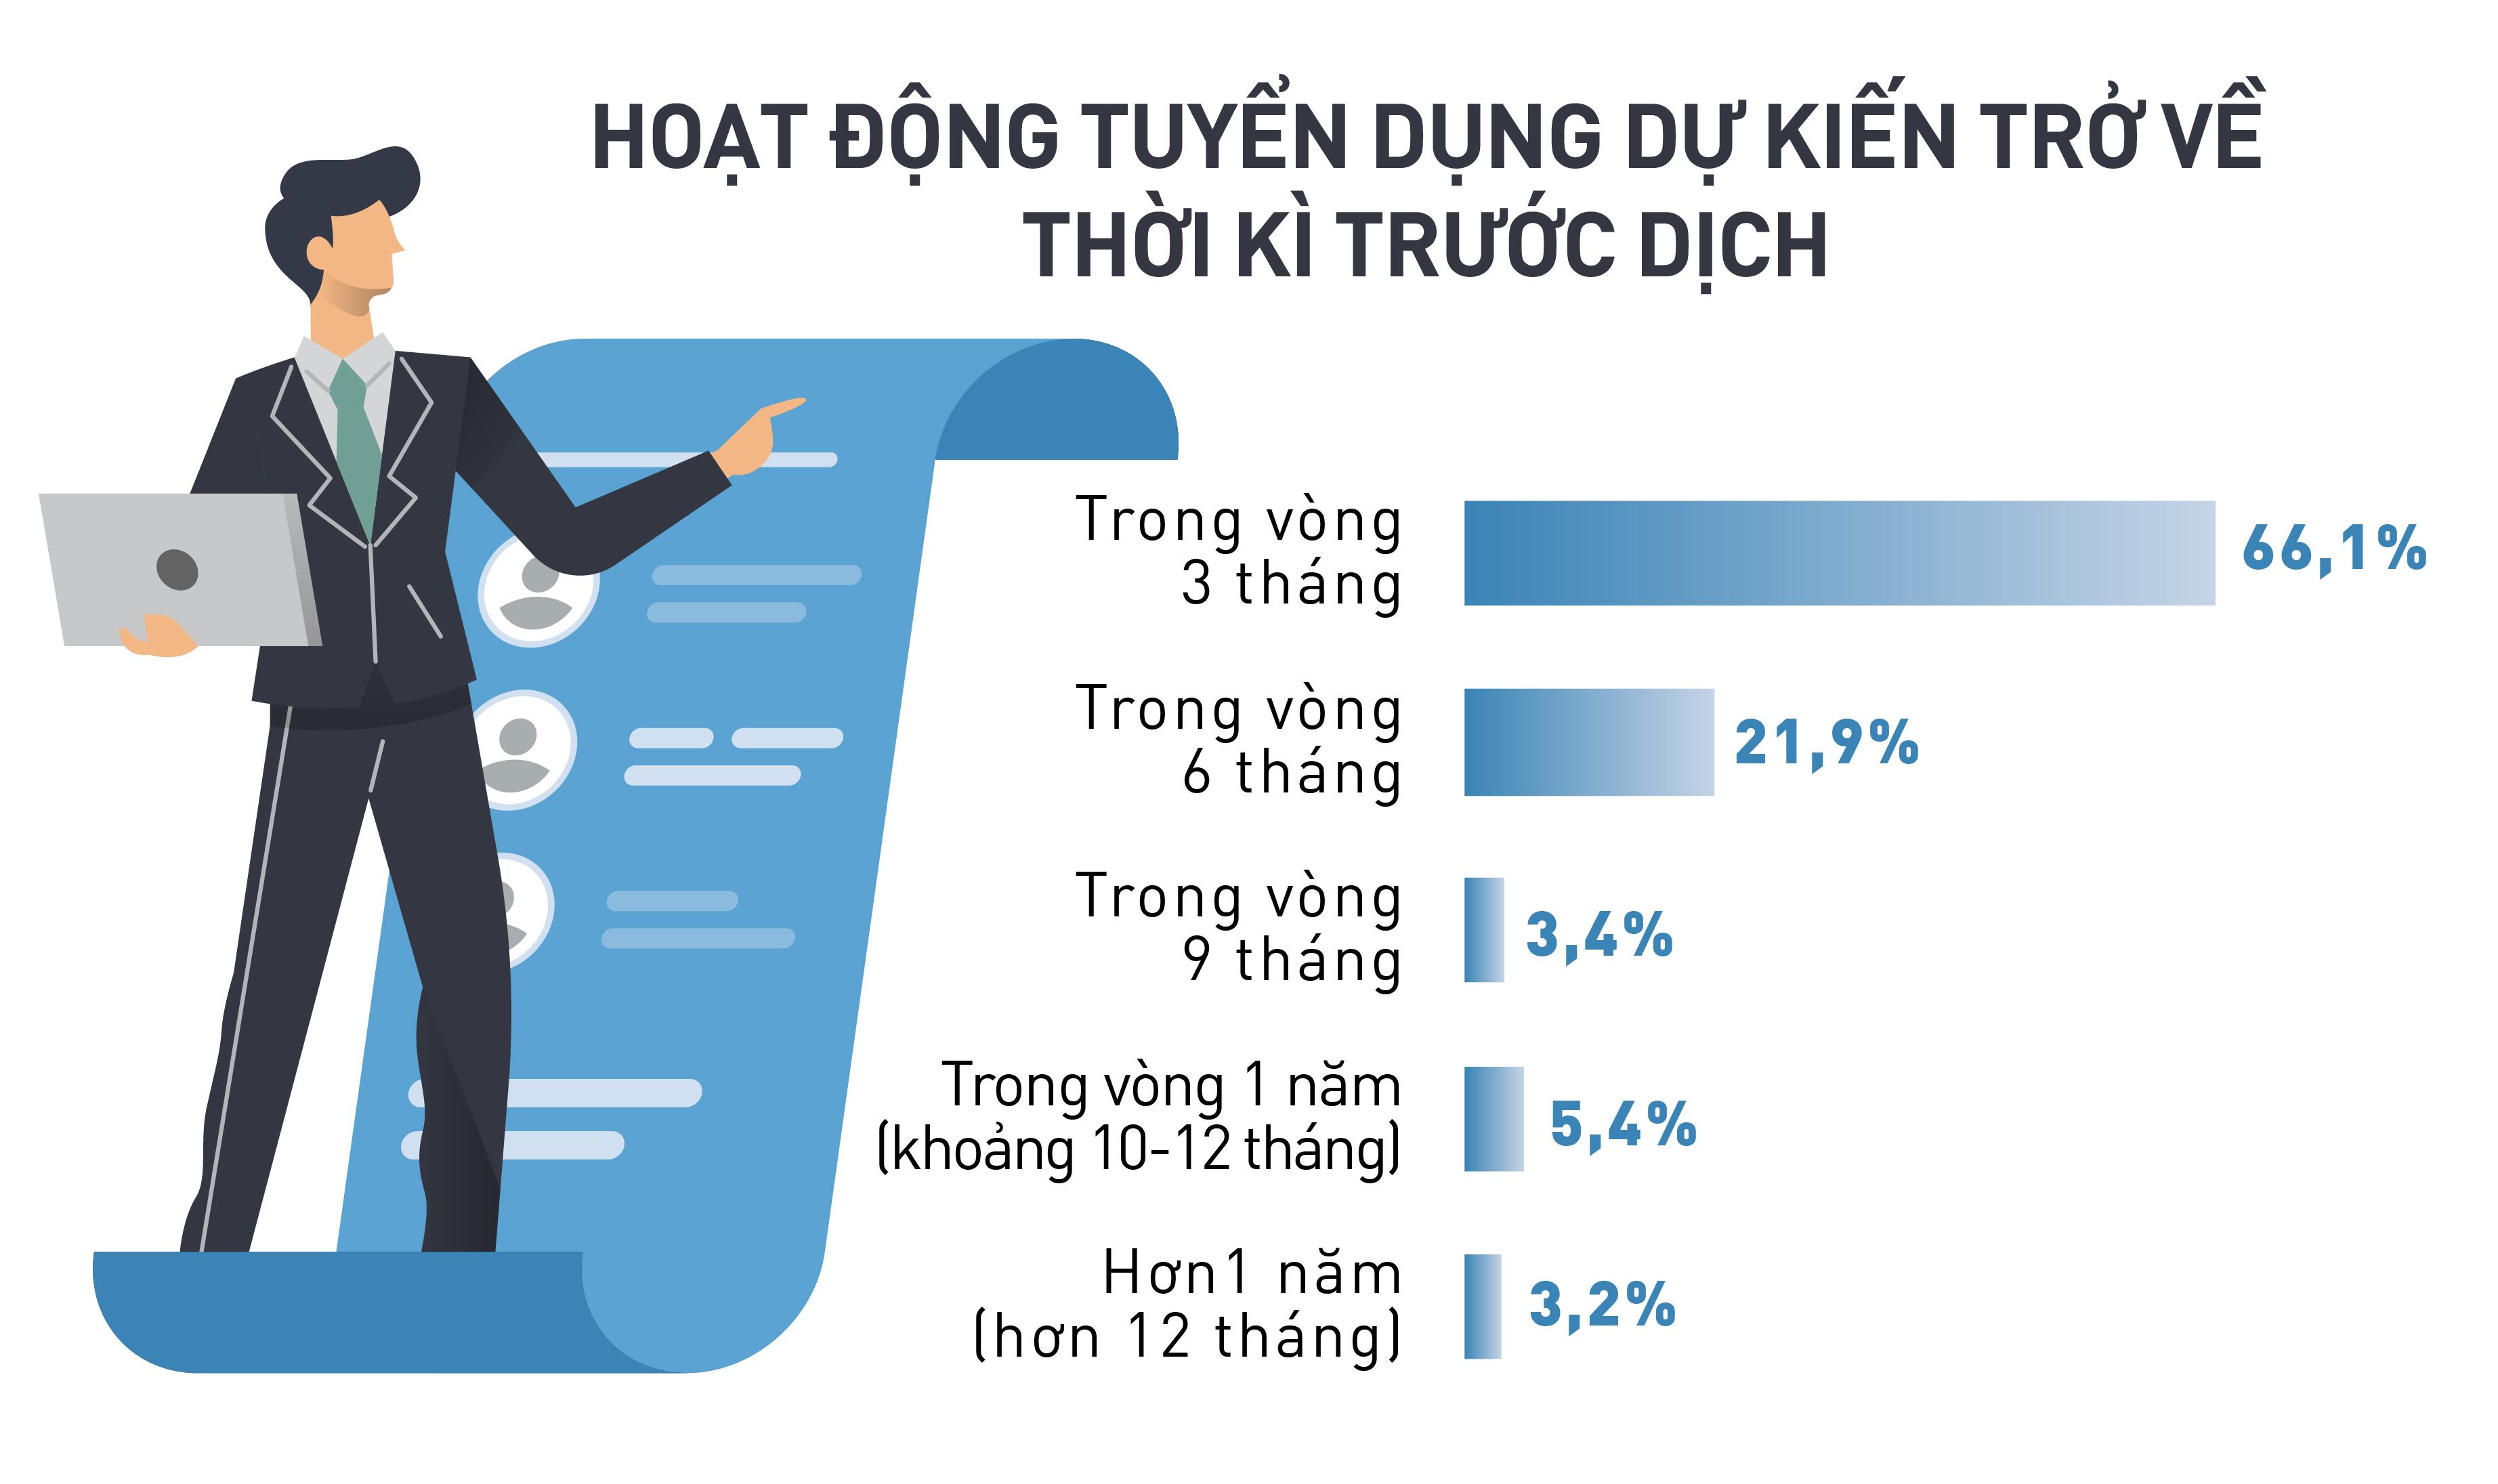 Tín hiệu mừng của nền kinh tế: Doanh nghiệp Việt dự báo gia tăng tuyển dụng trong nhiều lĩnh vực Sản xuất, Chế biến chế tạo, Xây dựng... - Ảnh 1.